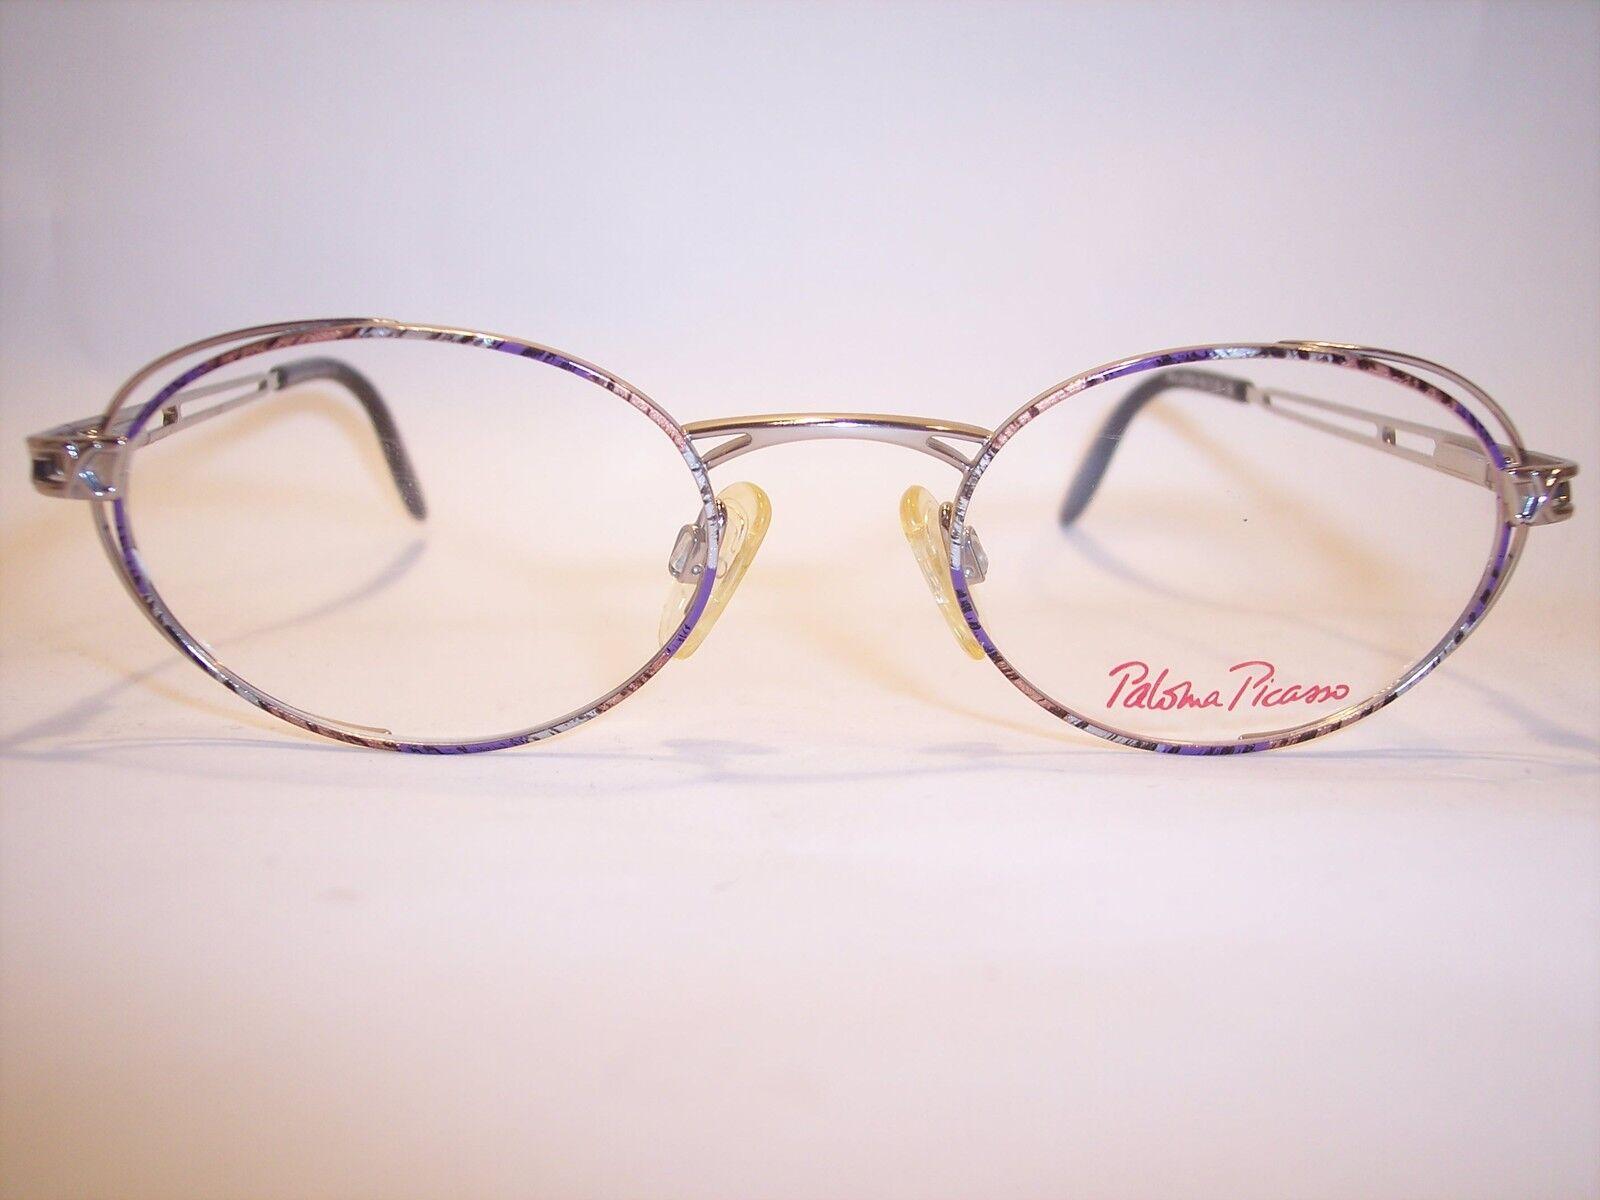 Damen-Brille Eyeglasses Lunettes by PALOMA PALOMA PALOMA PICASSO 100%Vintage Original 90'er | Neue Produkte im Jahr 2019  | Kaufen Sie beruhigt und glücklich spielen  | Elegantes Aussehen  35a8e8